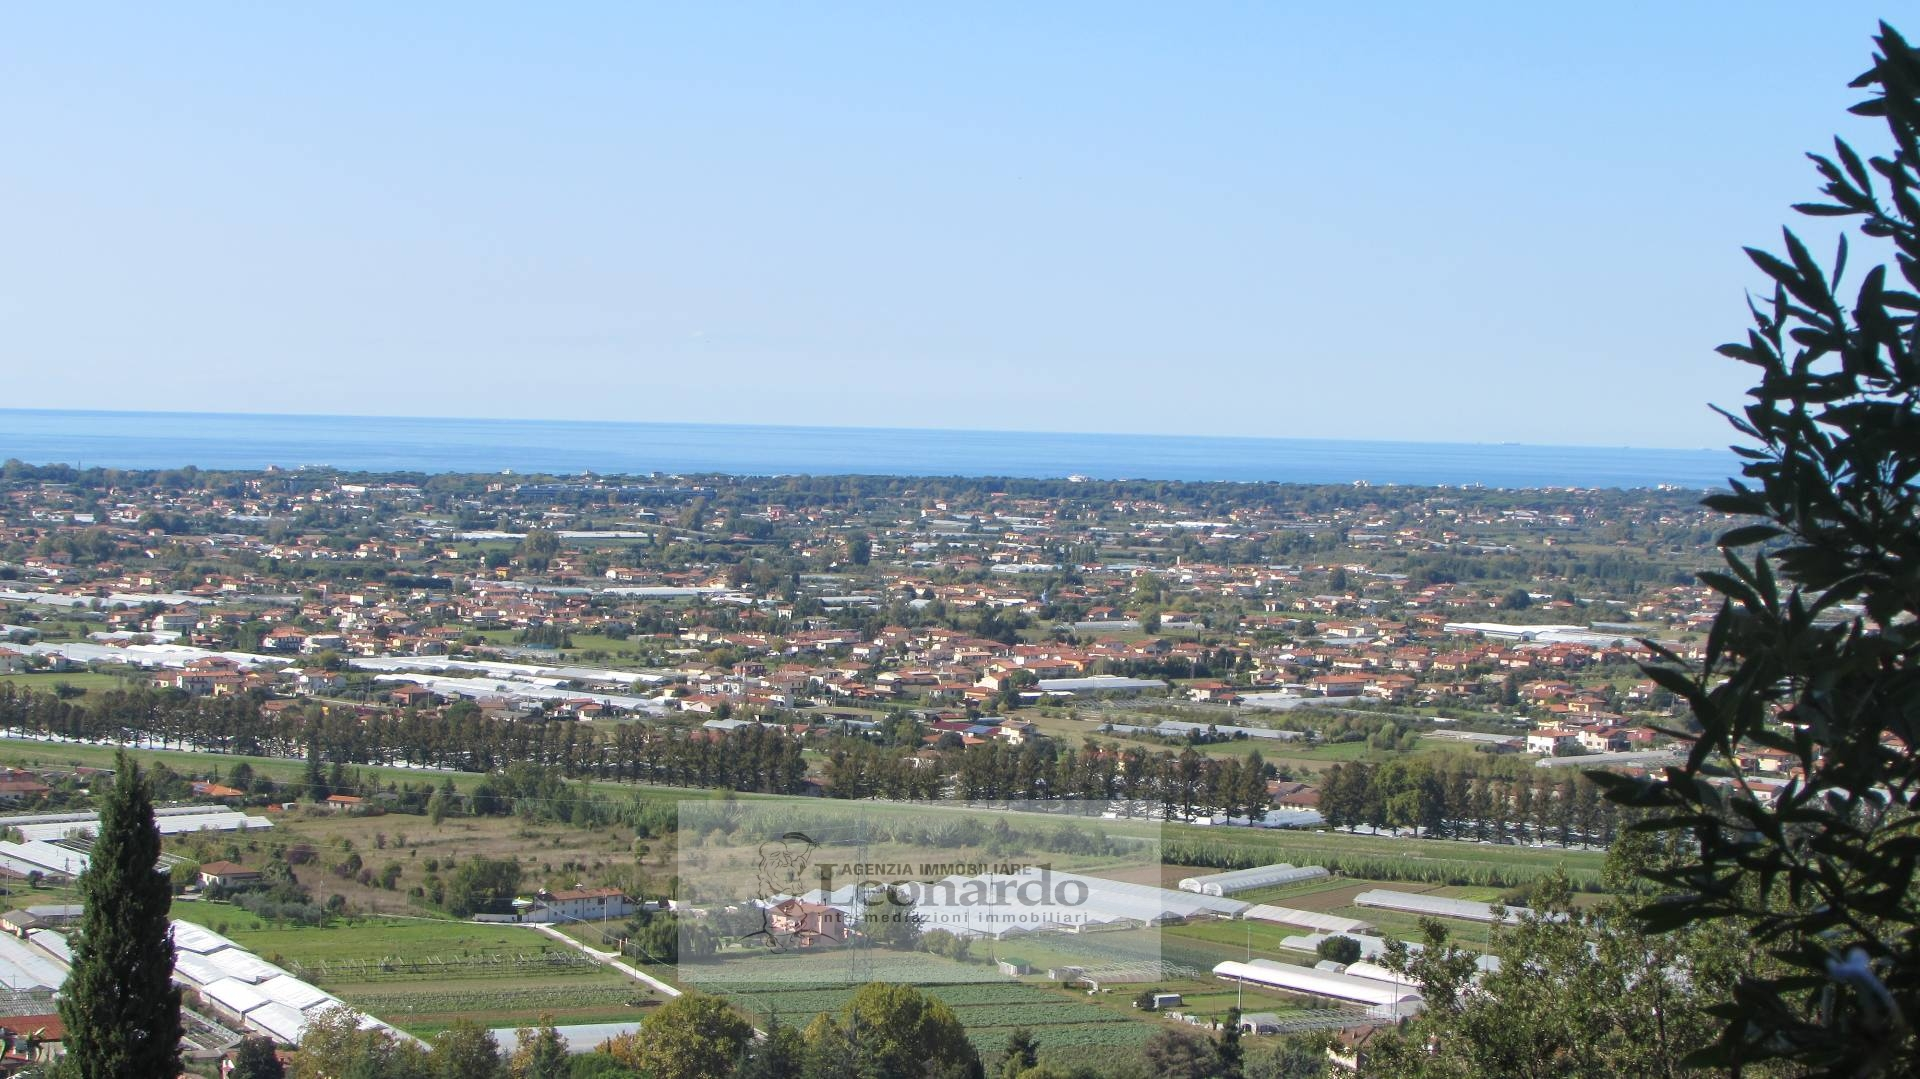 Rustico / Casale in vendita a Camaiore, 11 locali, prezzo € 405.000 | Cambio Casa.it